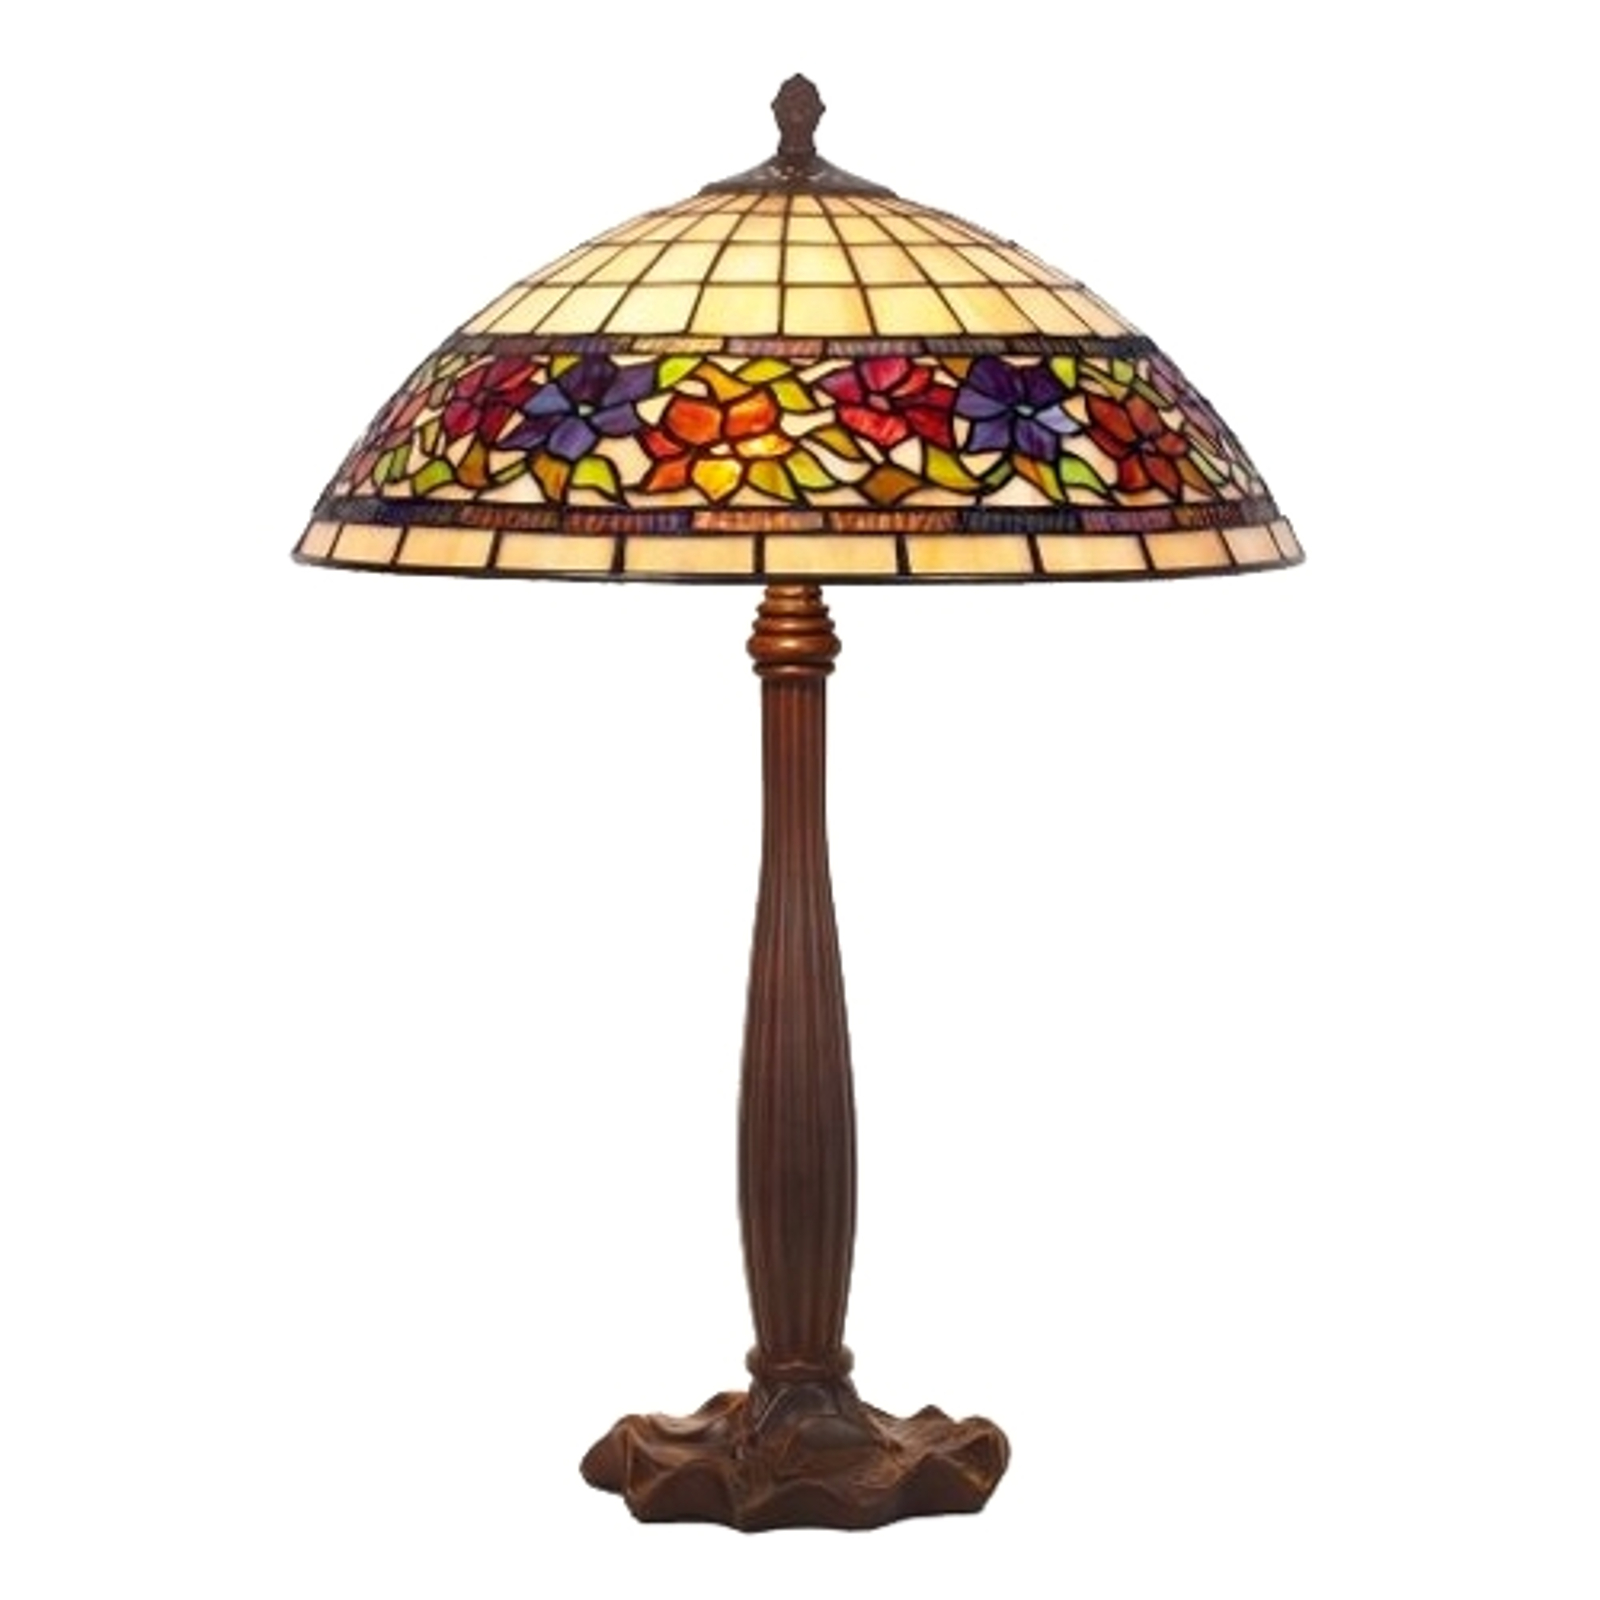 Lampada da tavolo Flora tiffany aperta sotto, 64cm